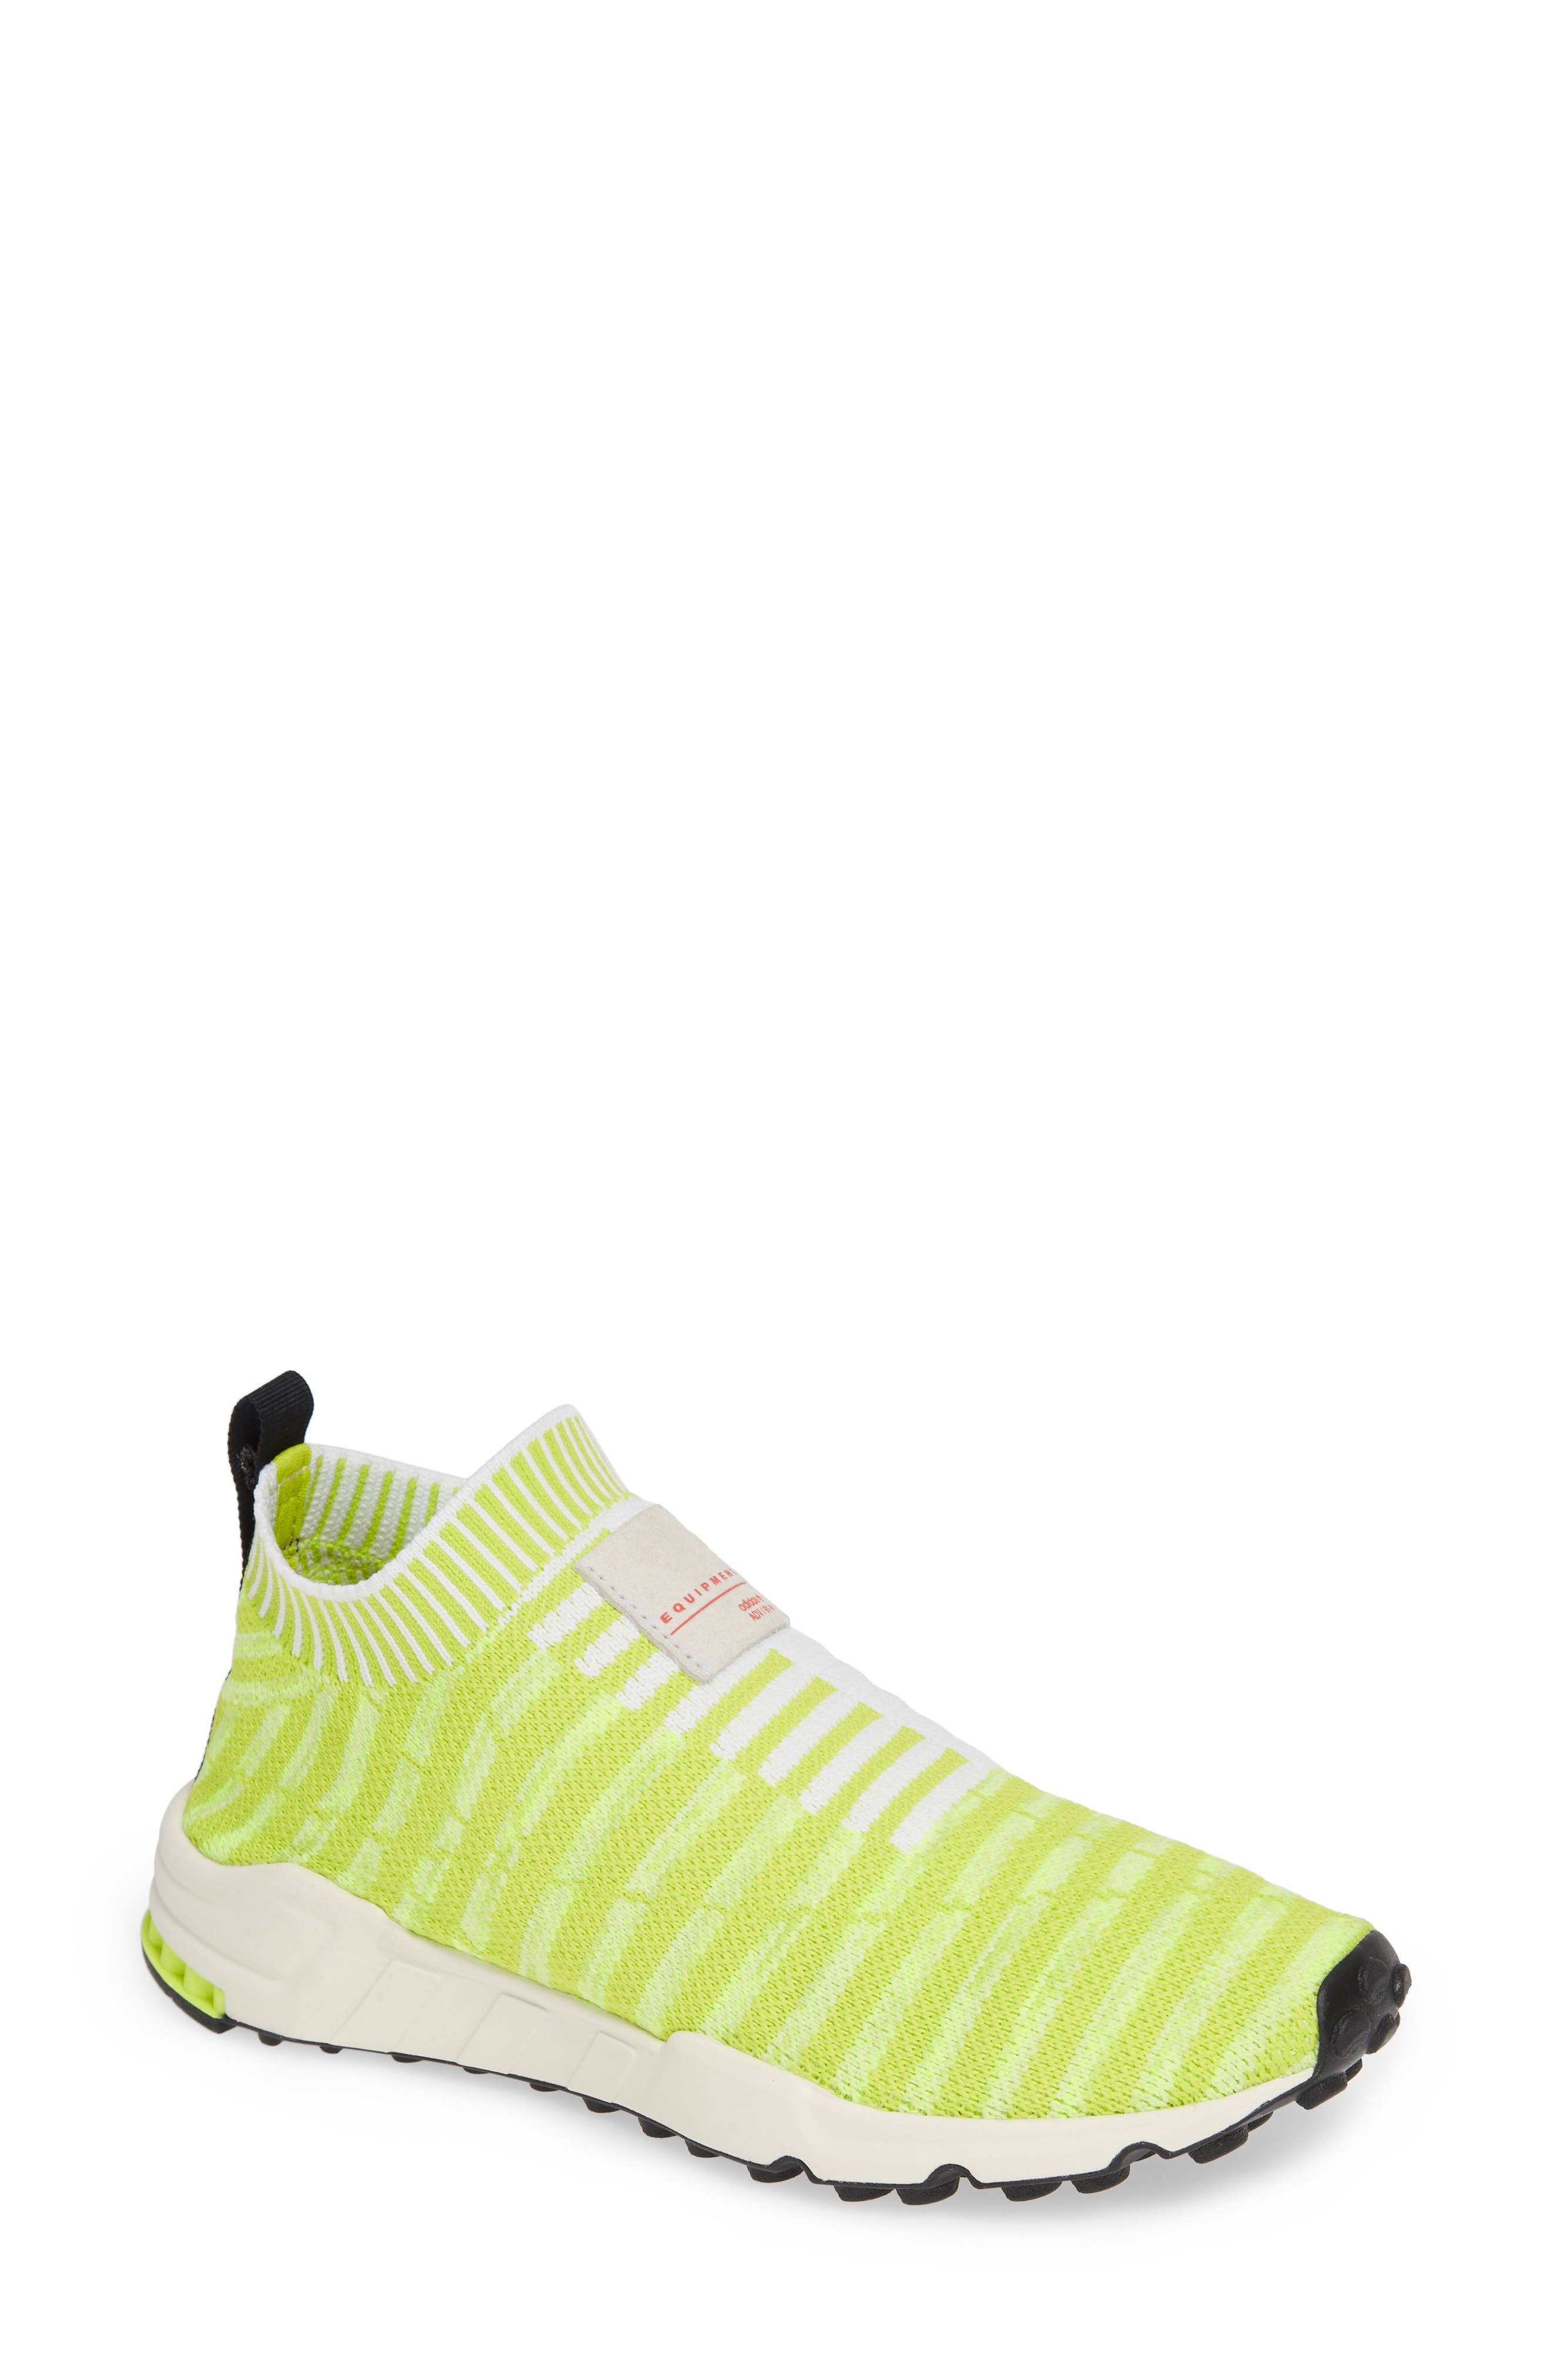 adidas eqt support sock paris